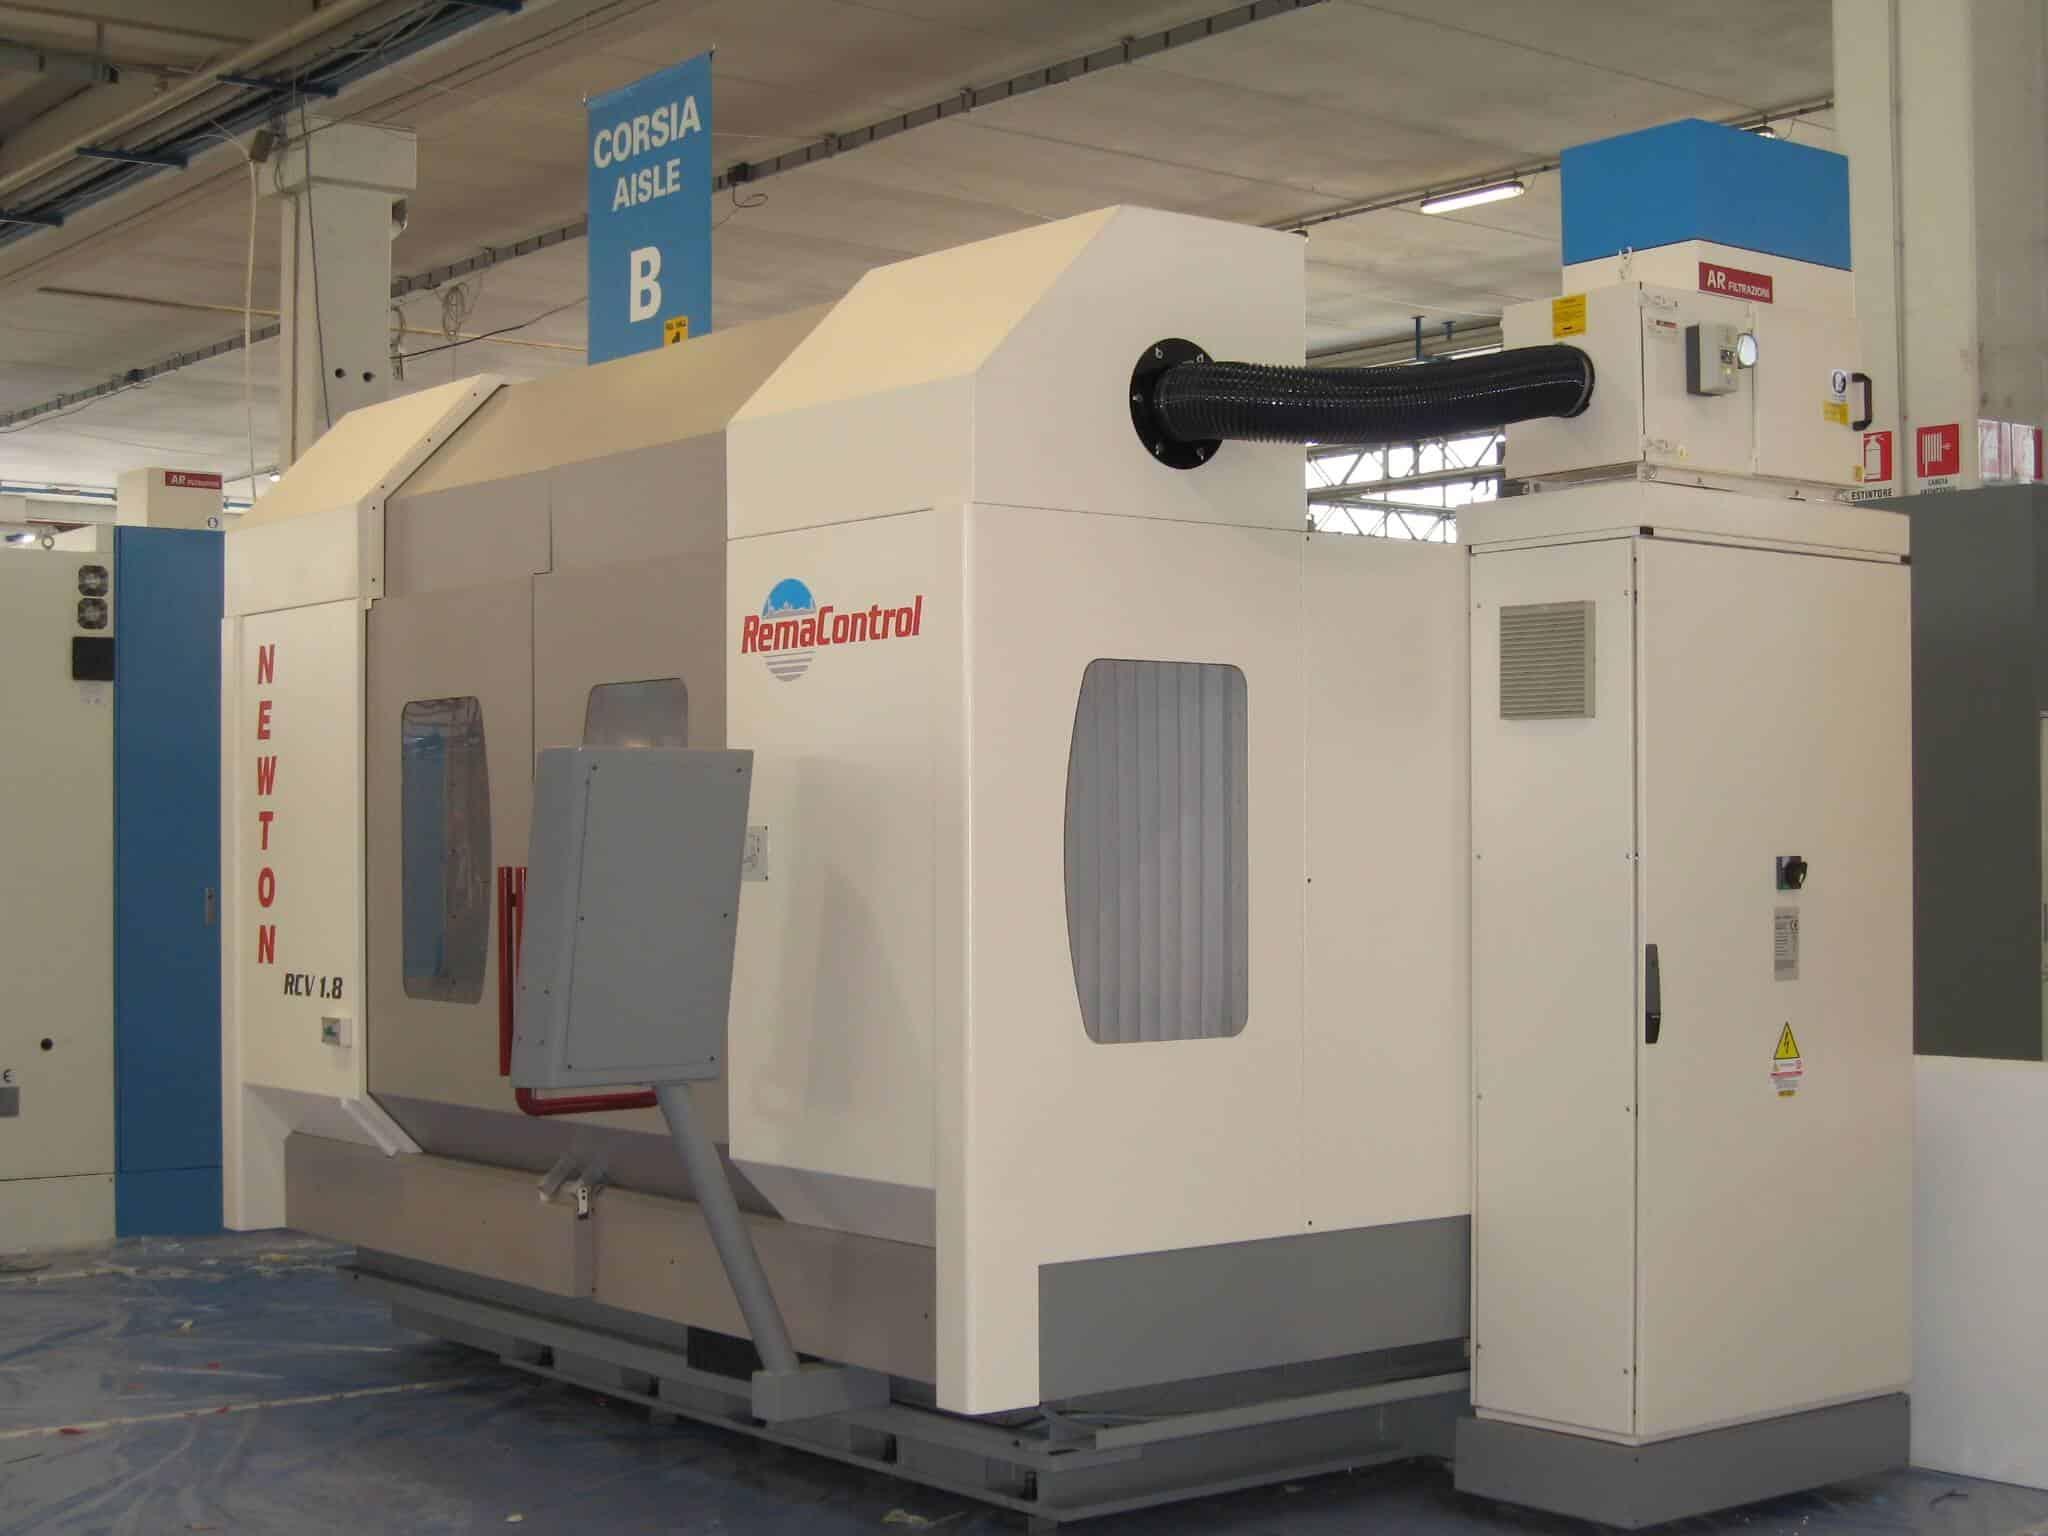 AR FILTRAZIONI | REMA CONTROL CNC | Filtrazione nebbie oleose aspirazione fumi da centri di lavoro cnc